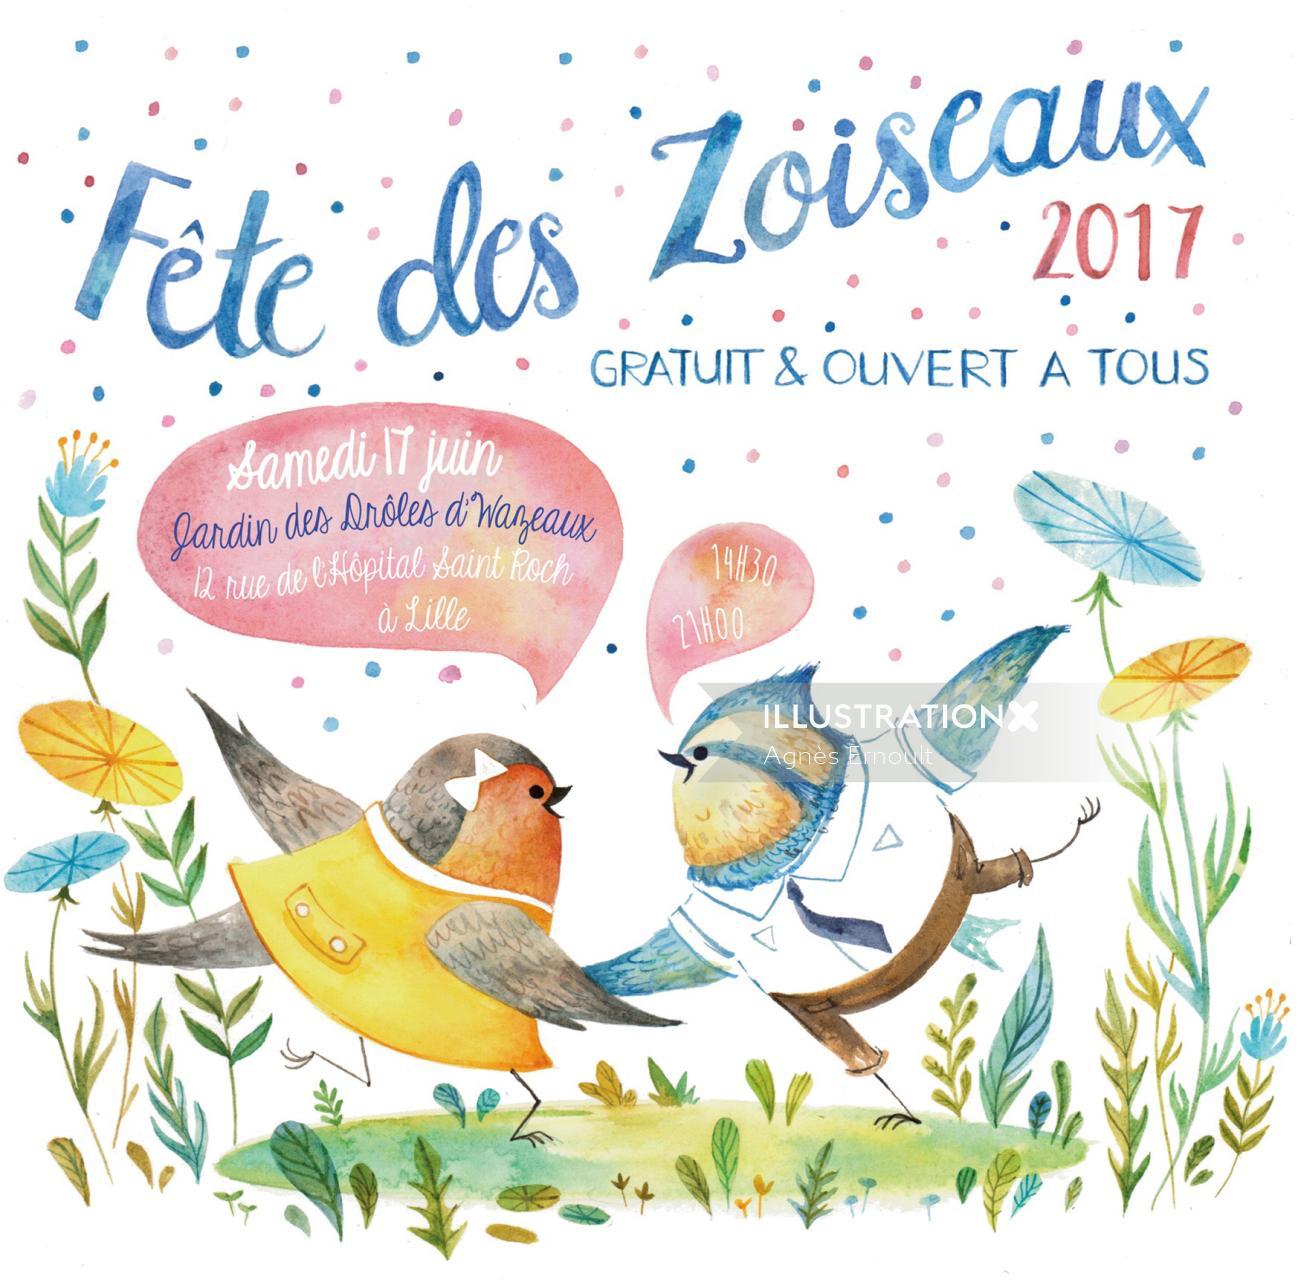 Book cover illustration of Fete Des Zoiscaux